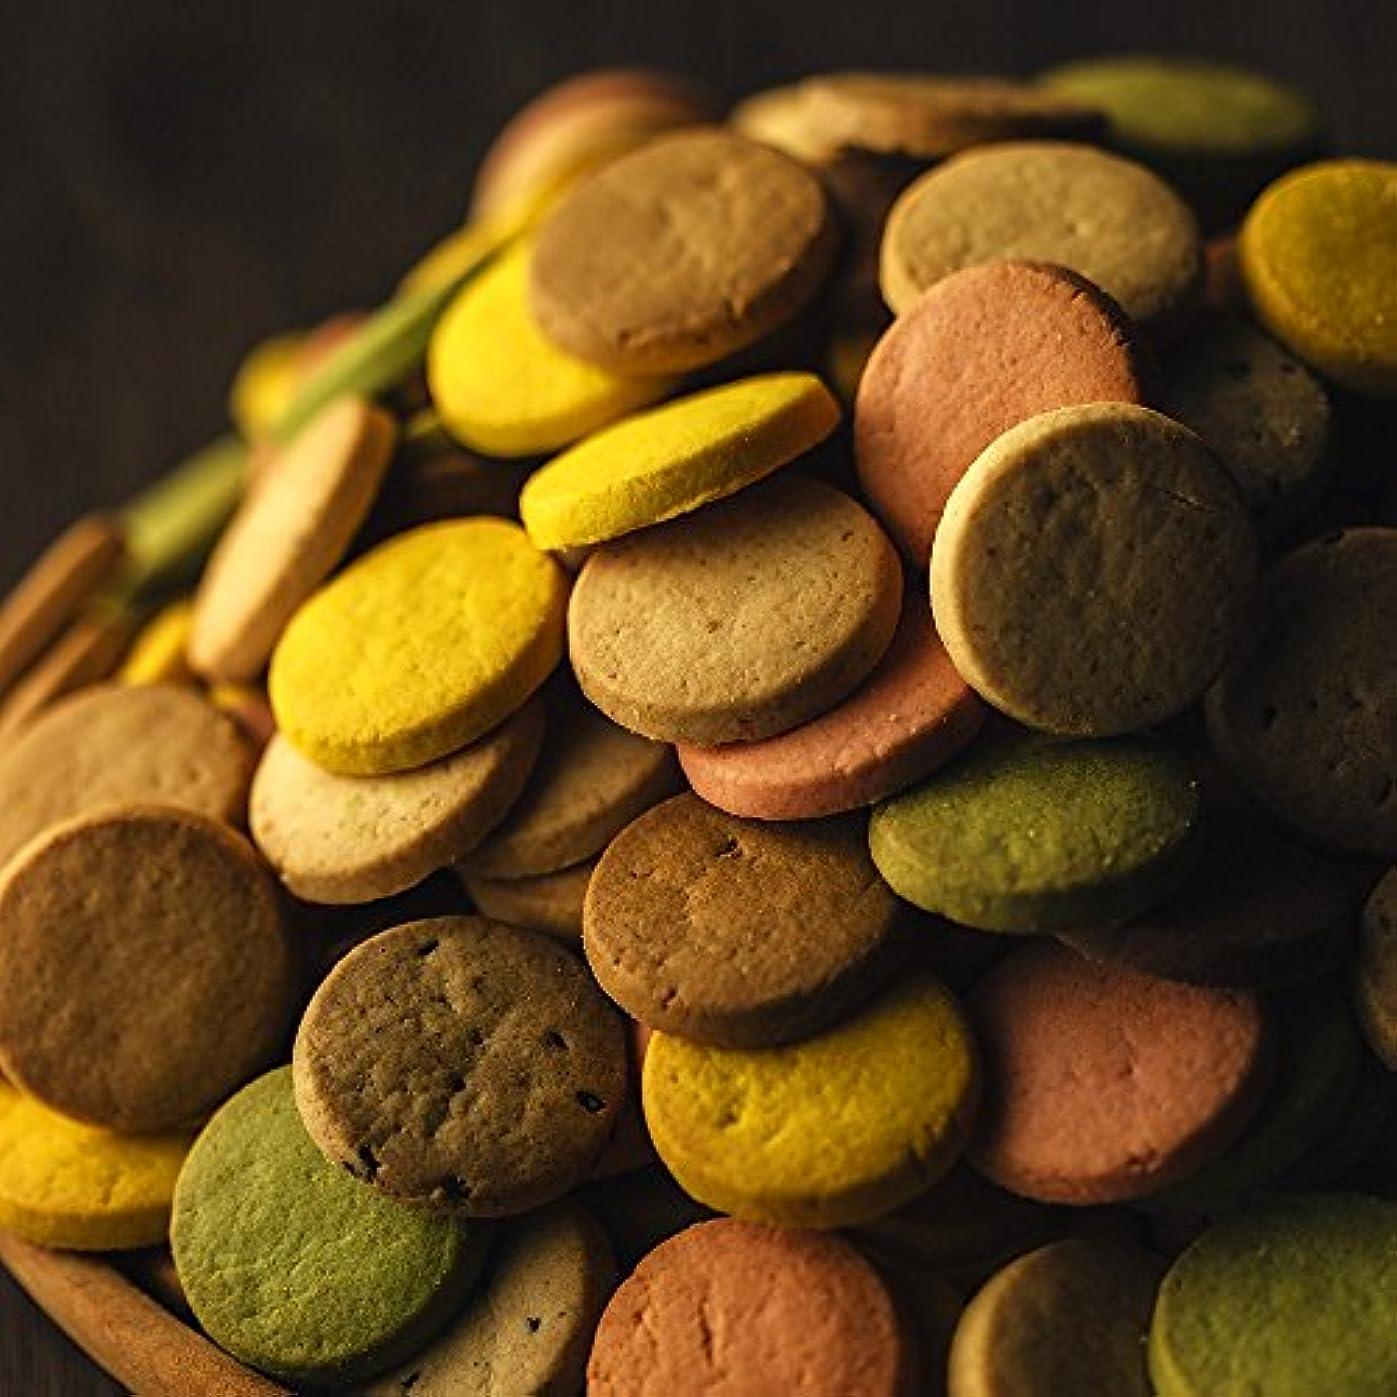 モール責める一般的な豆乳おからクッキー蒟蒻マンナン入り 2kg